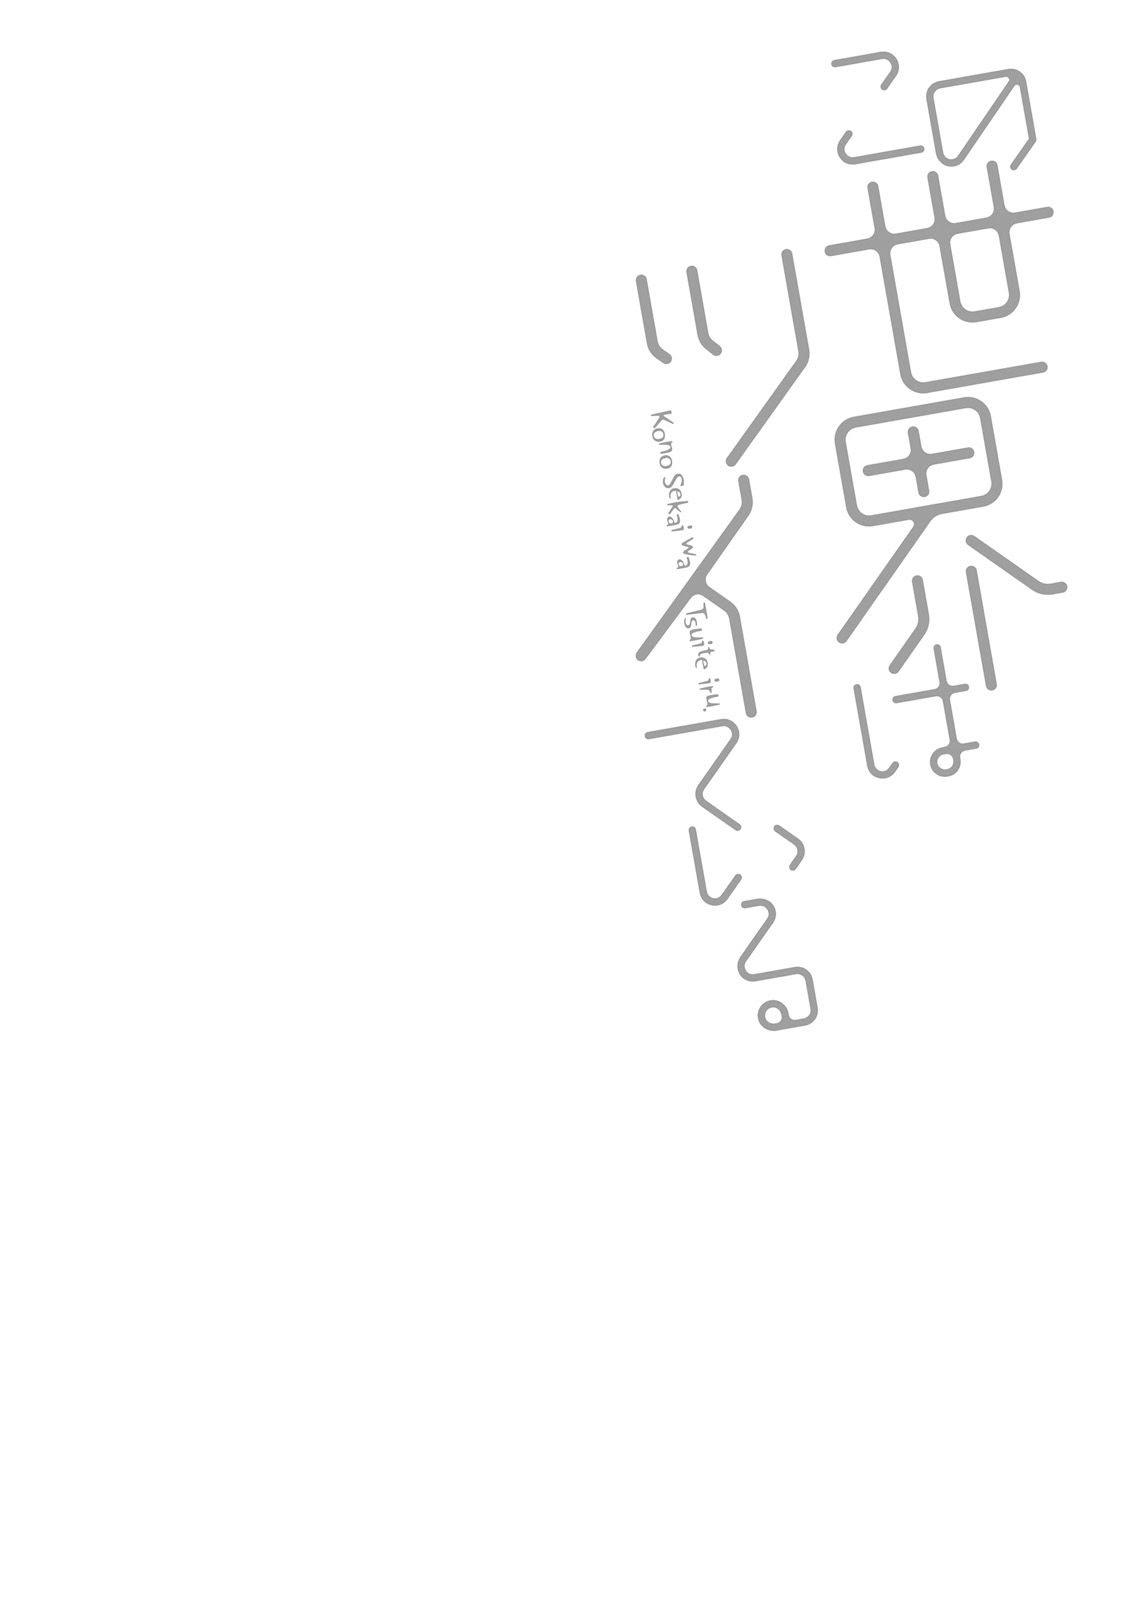 Kono Sekai wa Tsuite iru Chương 4 - truyentranhlh.net